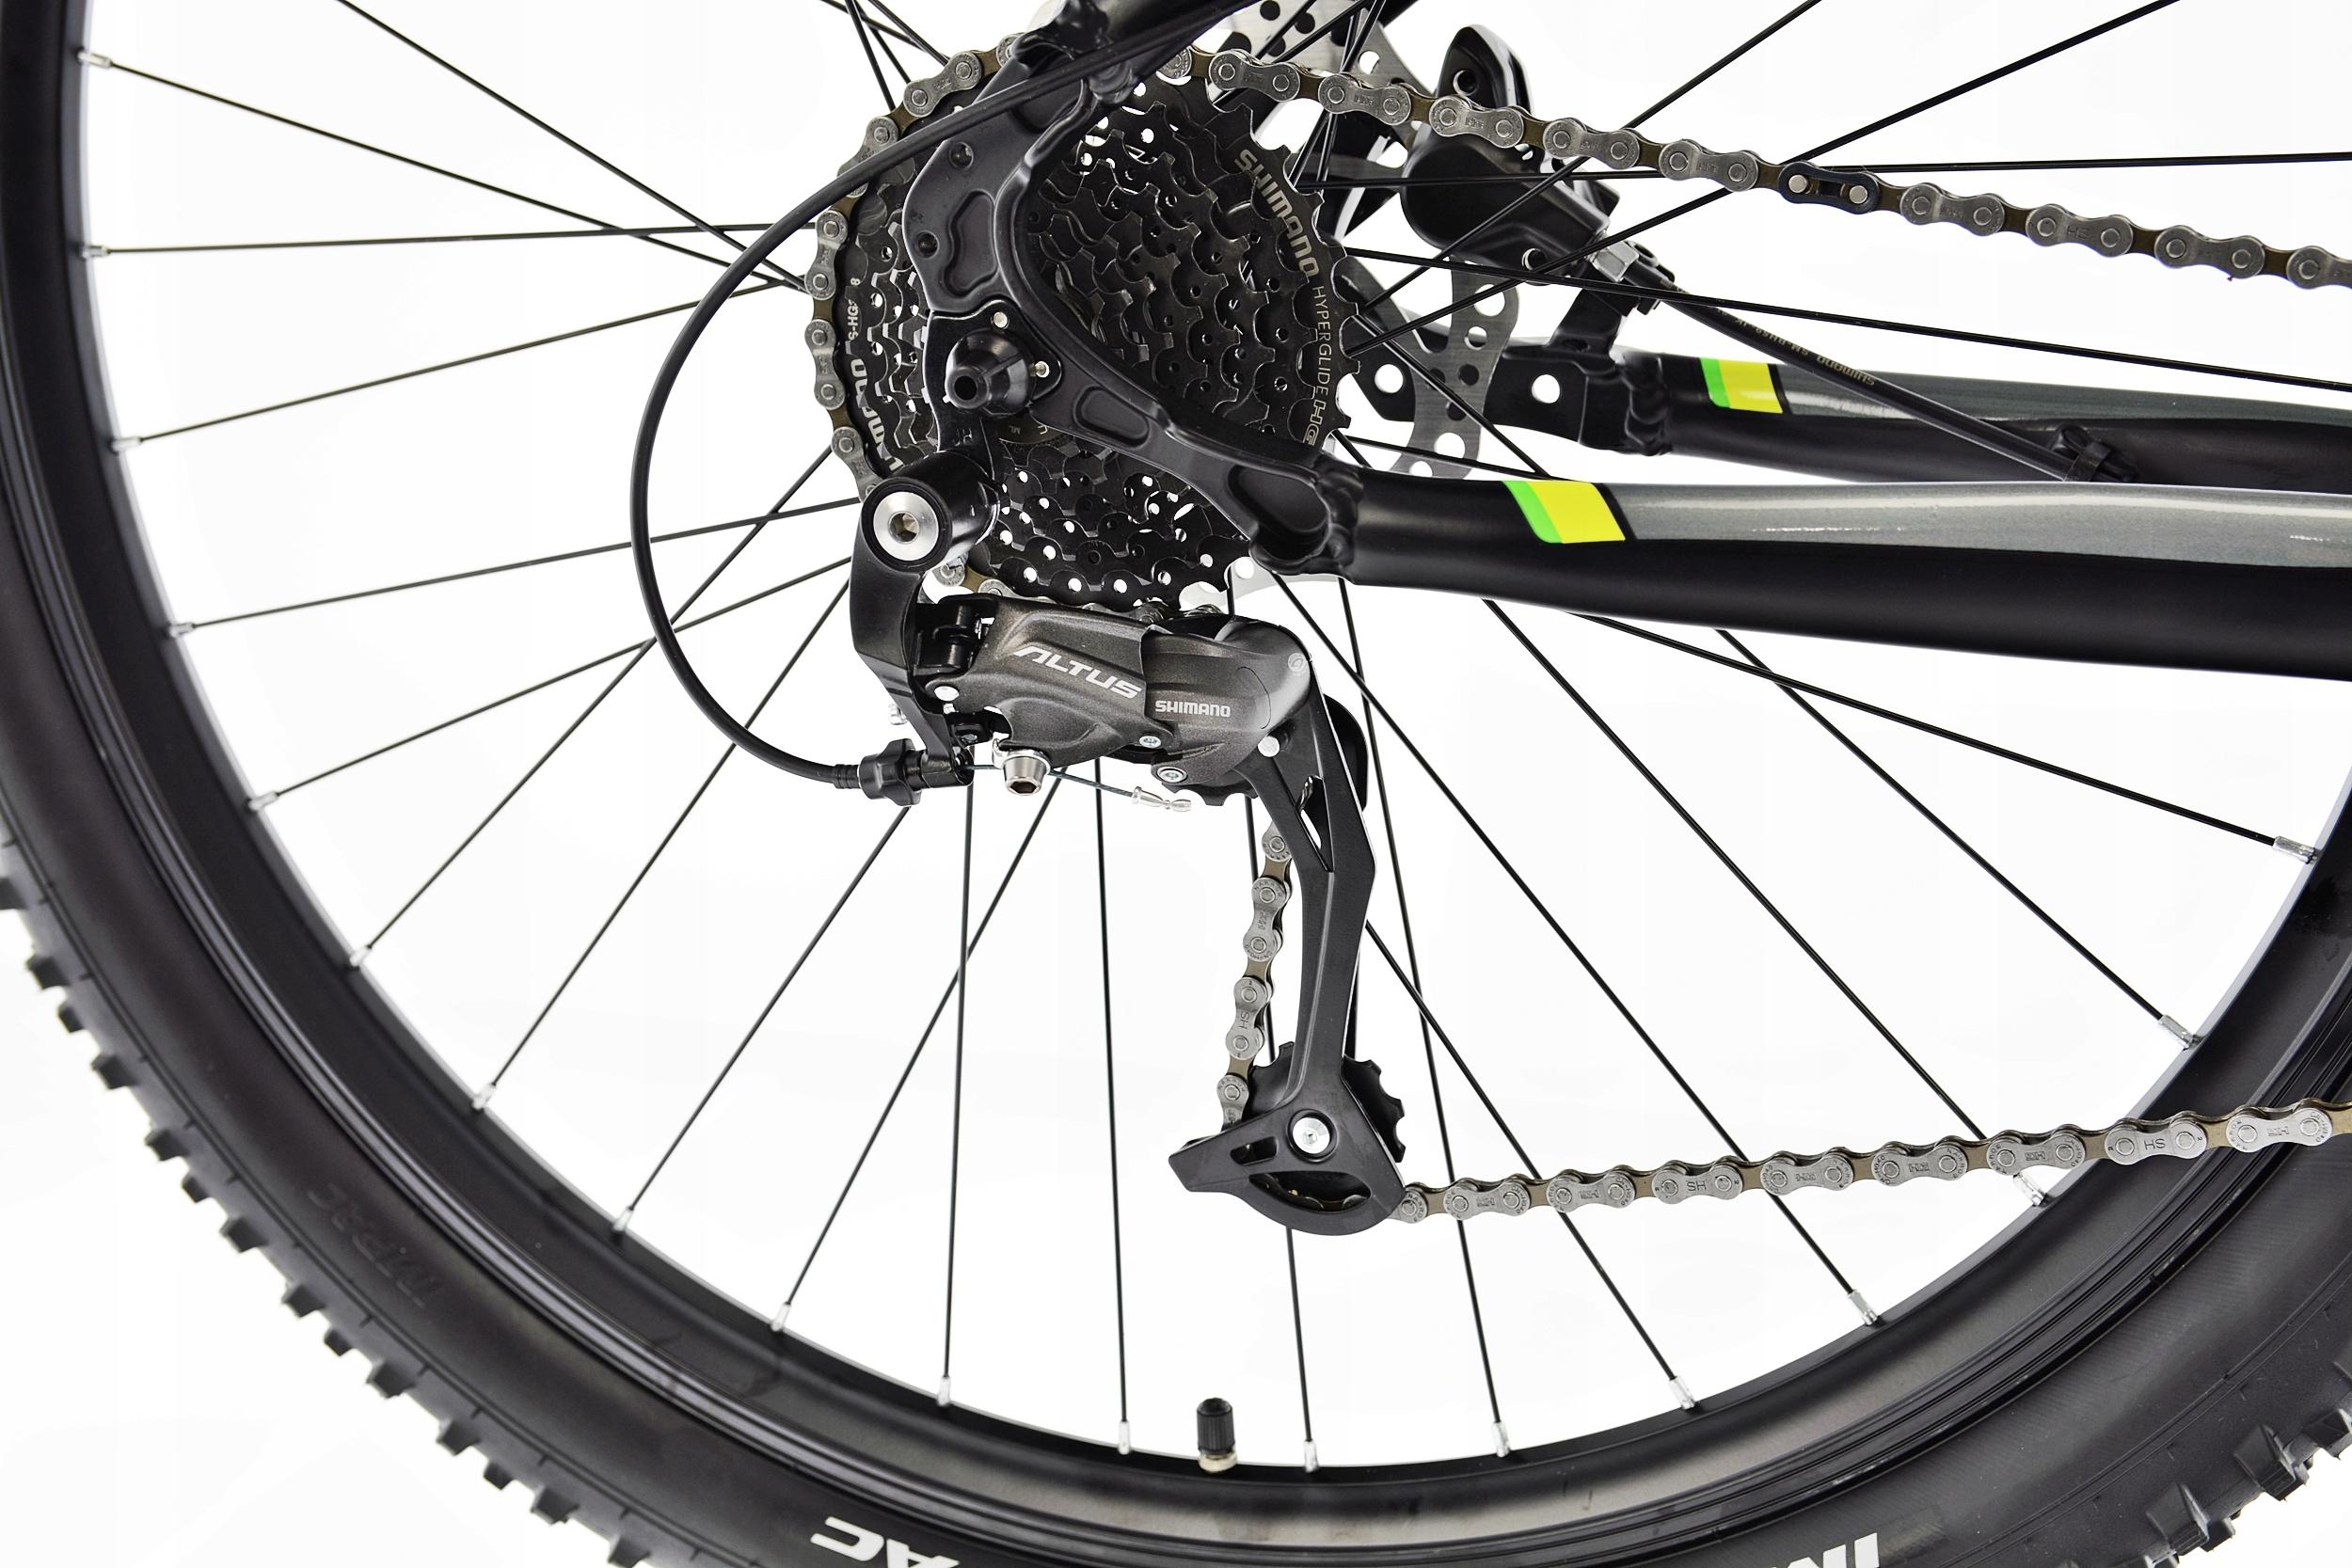 Rower MTB Kands 29 COMPER 21 czarno-seled 2021 Rodzaj przerzutki zewnętrzna